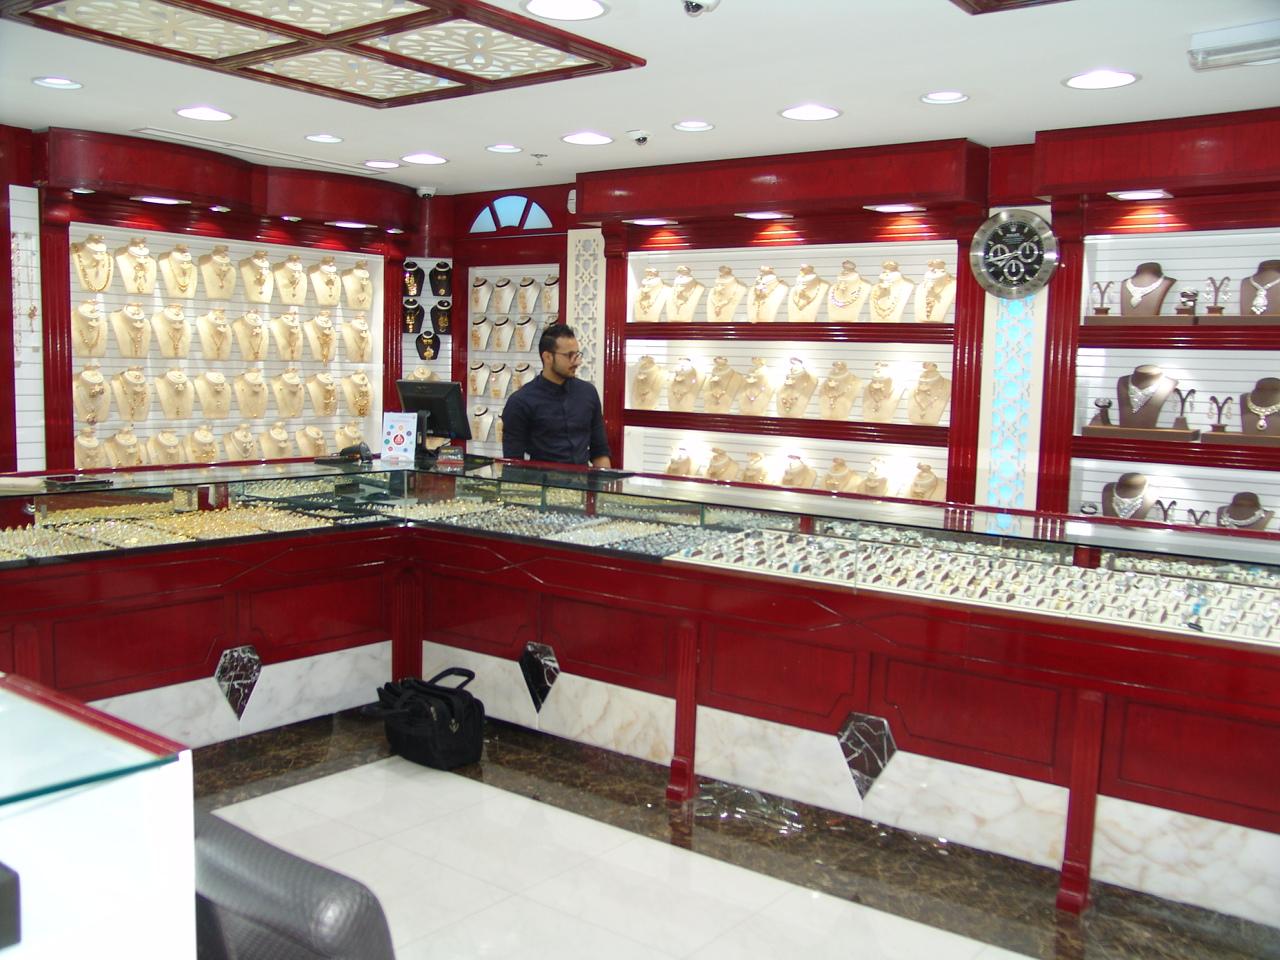 مجوهرات البادية فرع ابو ظبي - 5.JPG